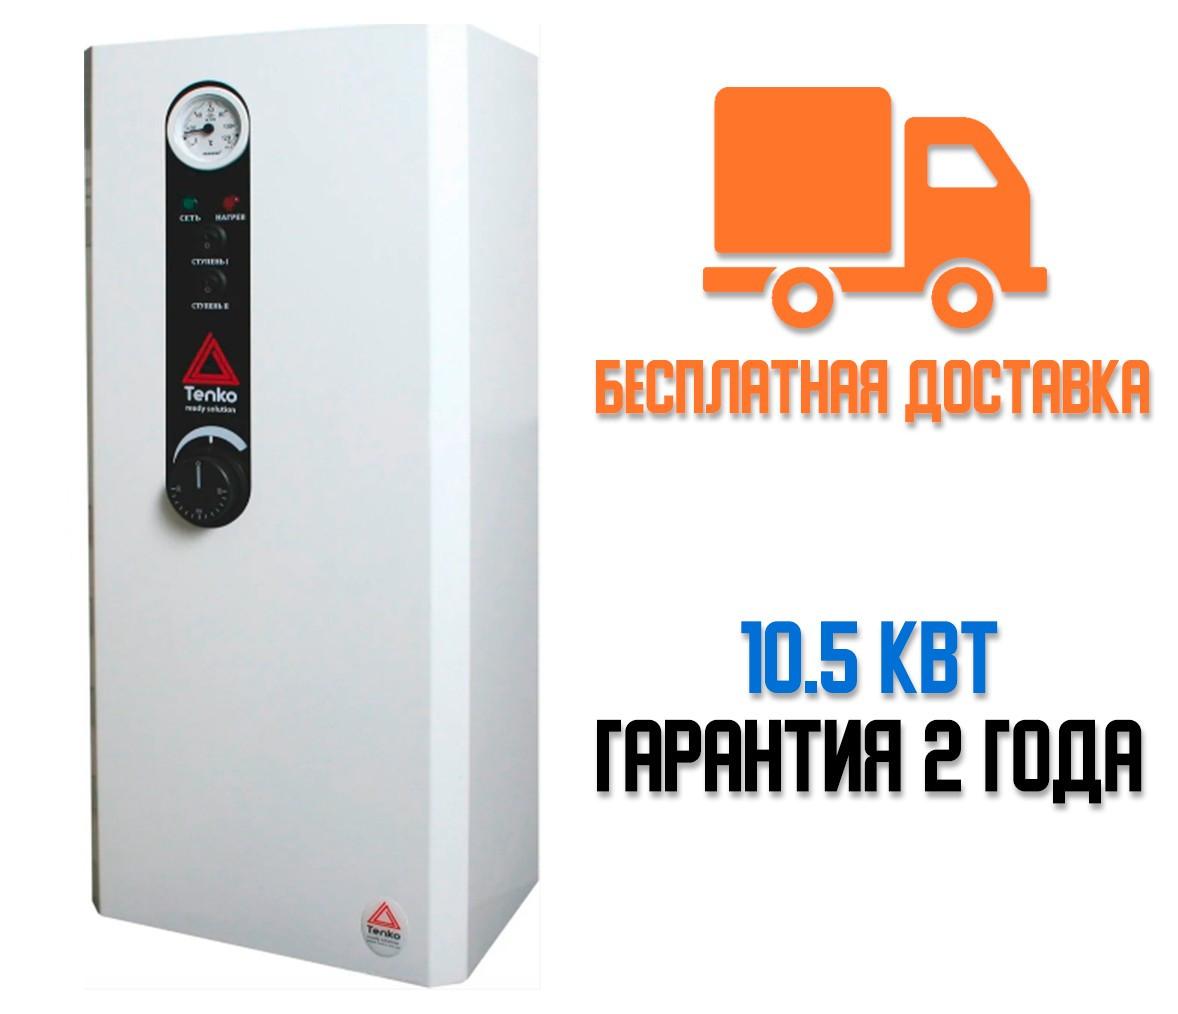 Котел электрический Tenko  10.5 кВт/380 стандарт Бесплатная доставка!